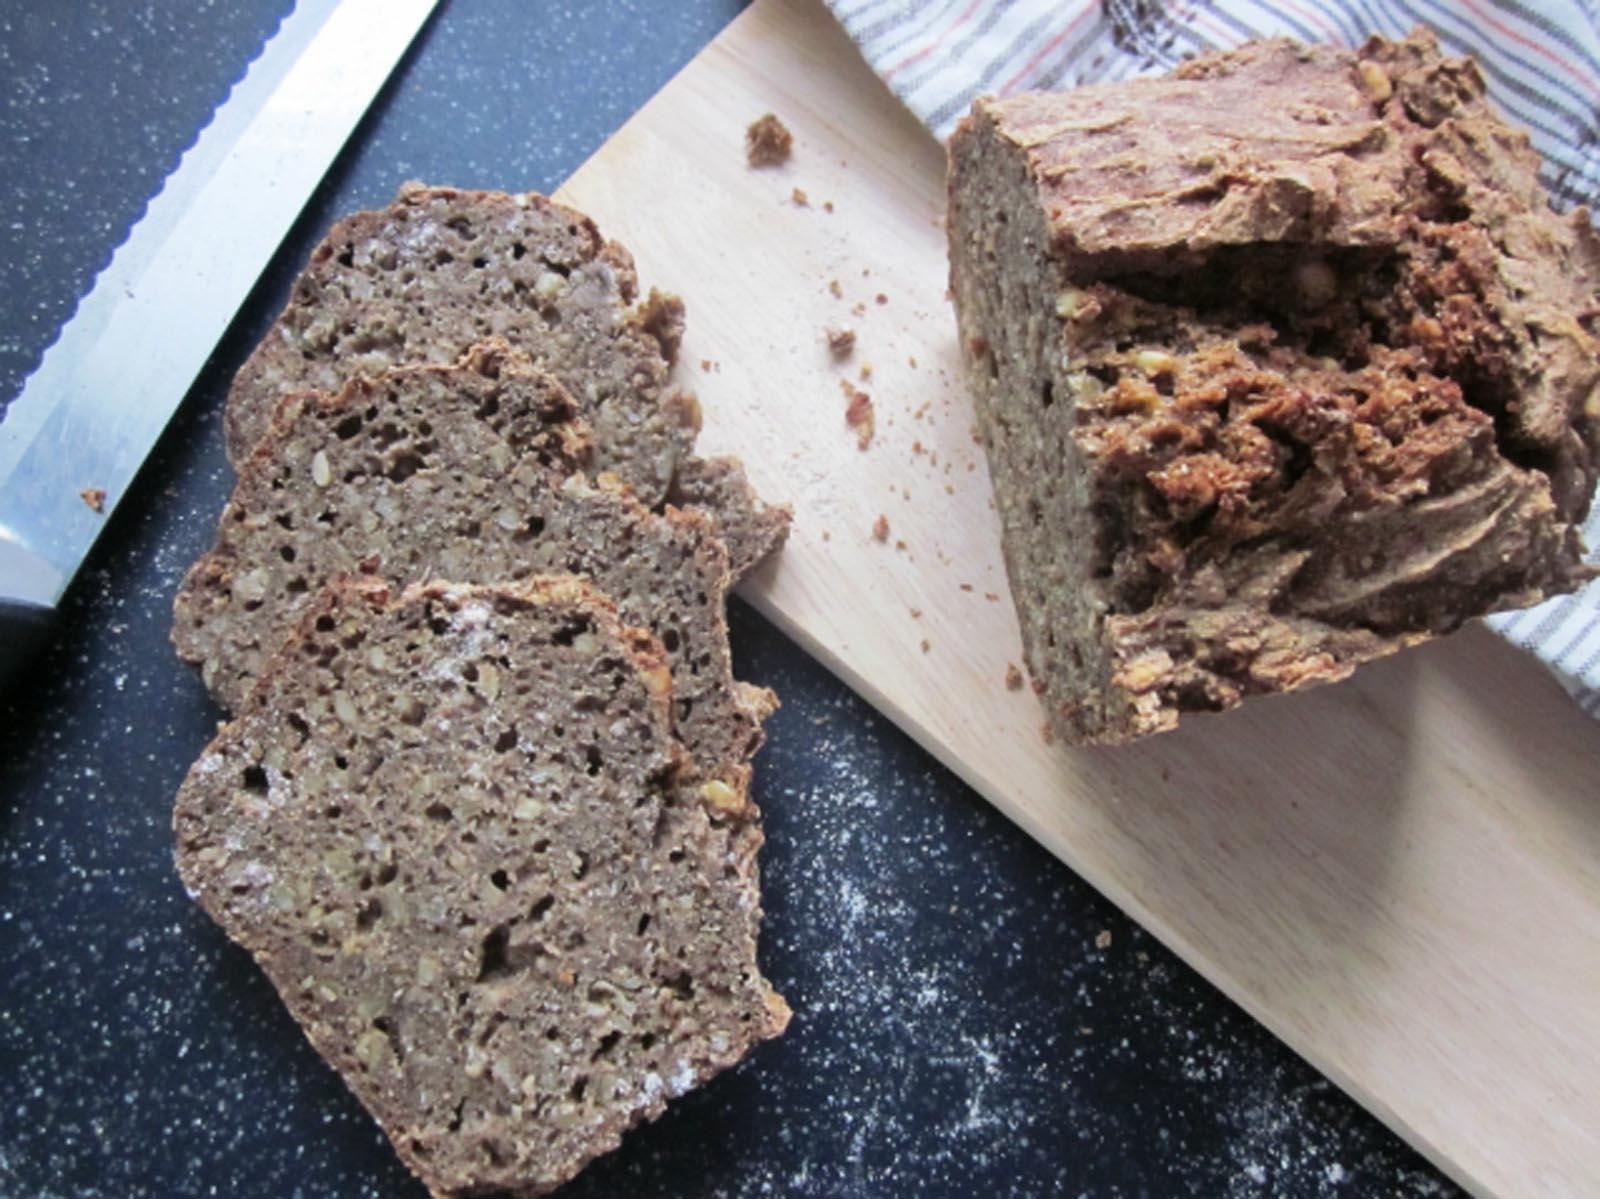 Jednoduchy domaci chlieb